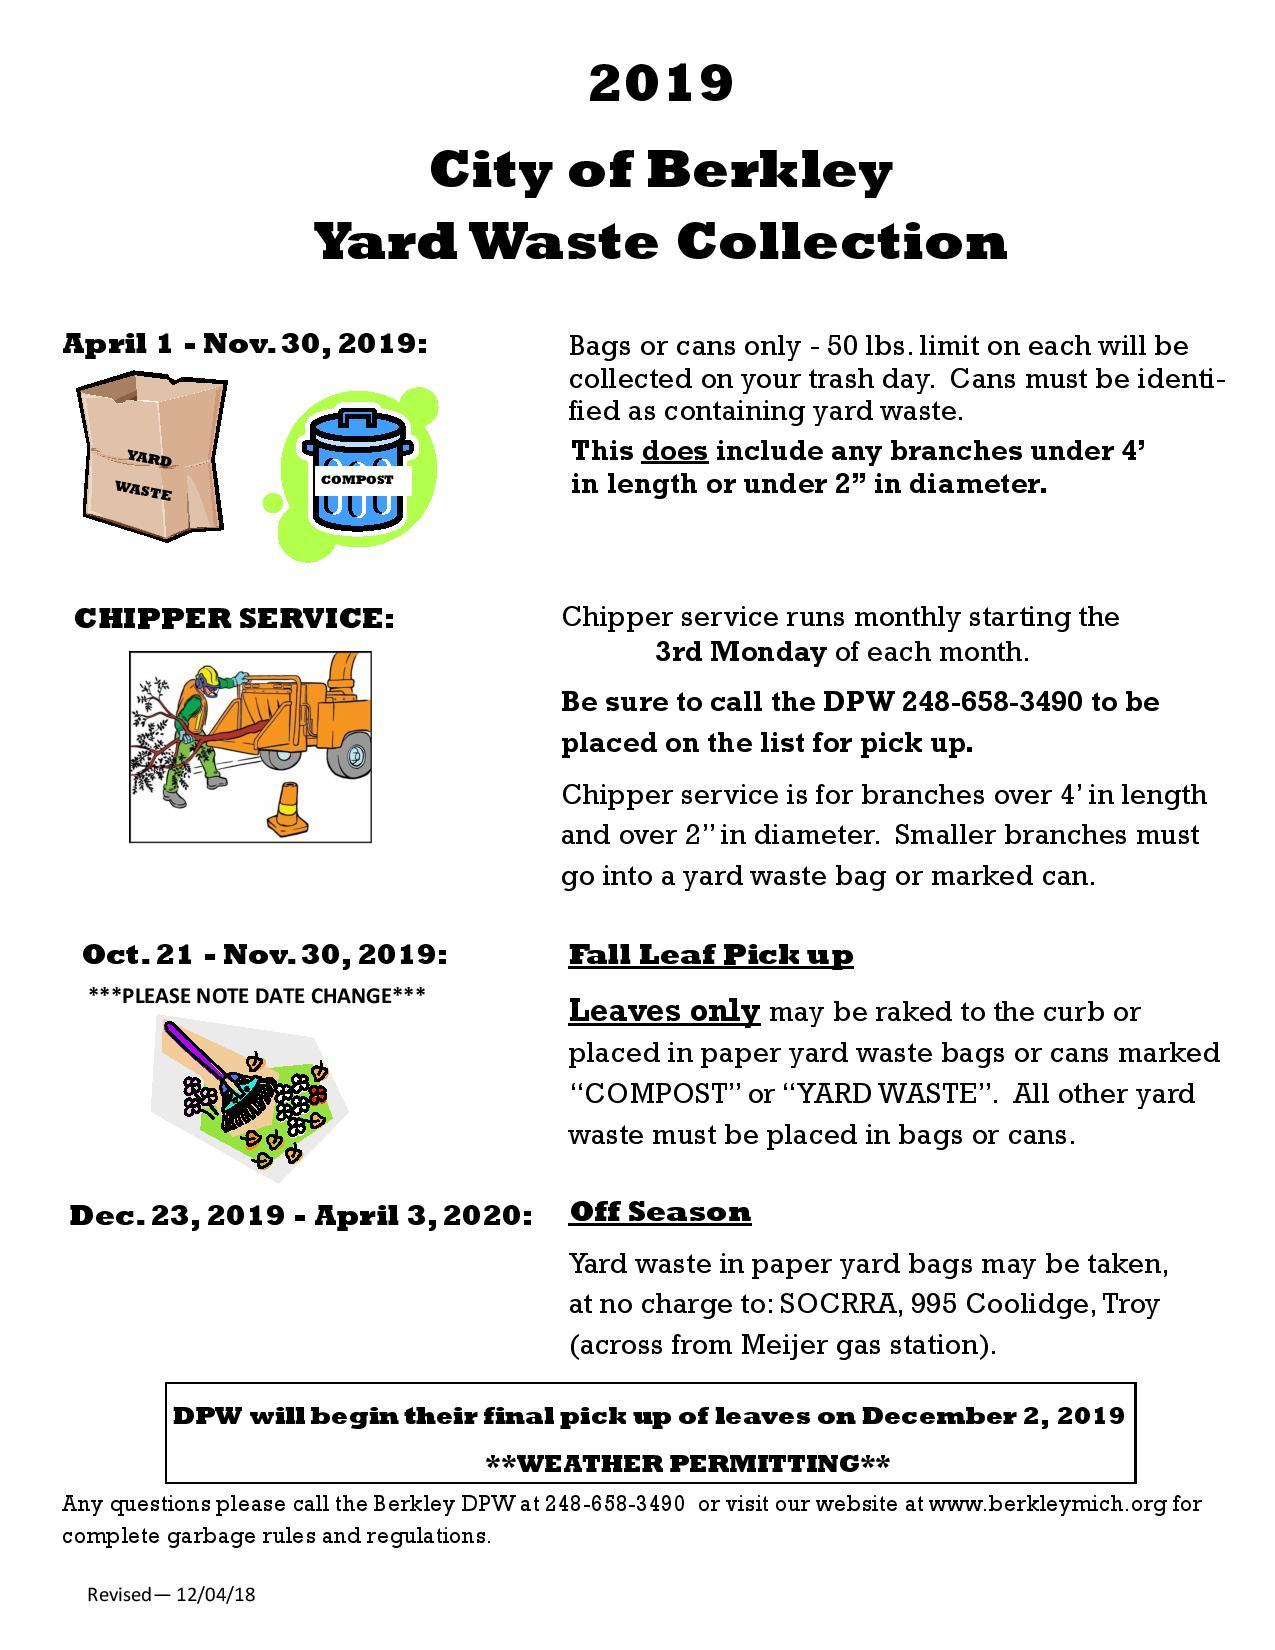 2019 Yard Waste Collection Schedule